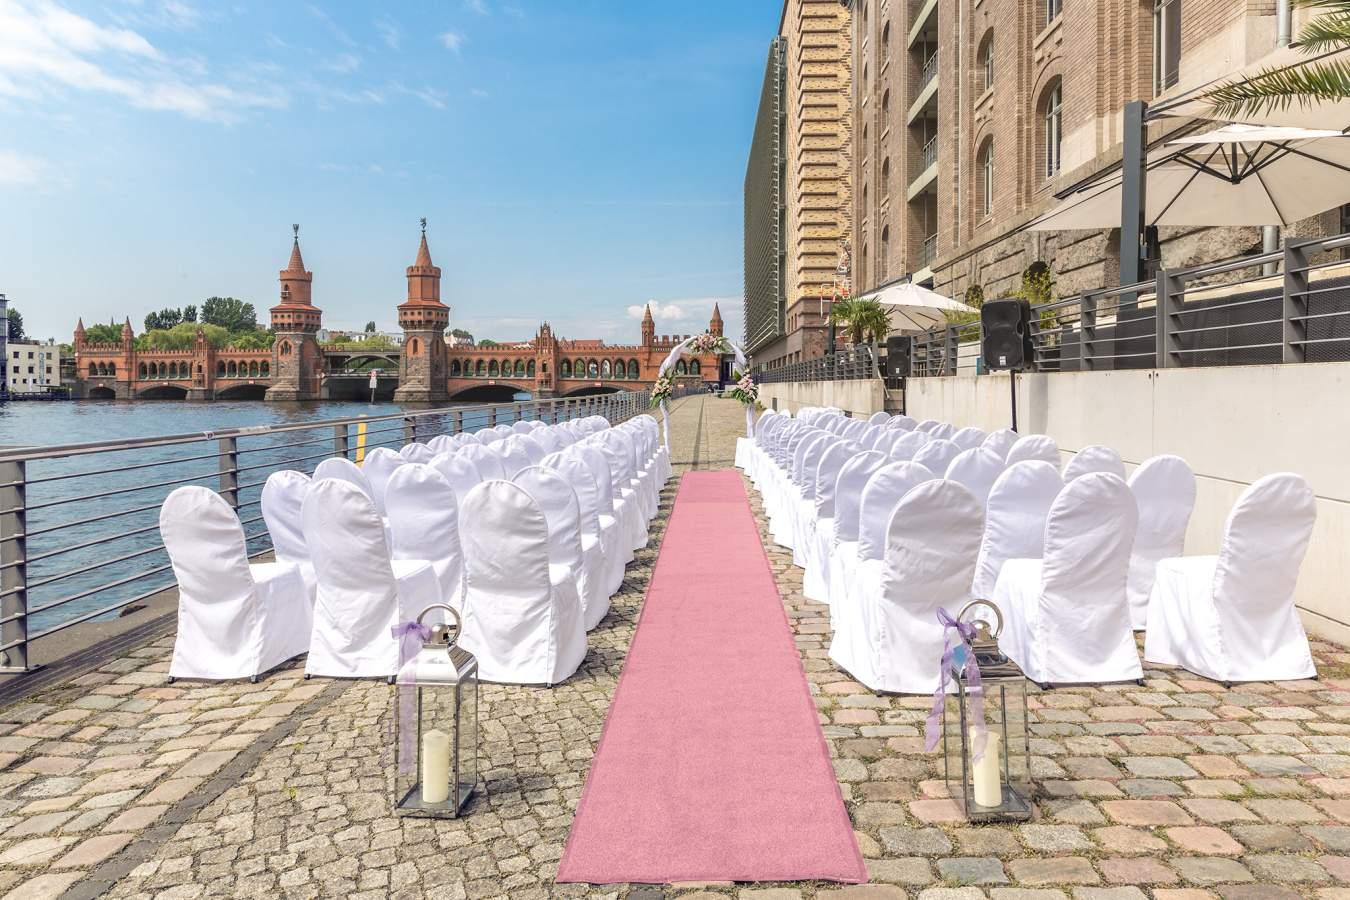 Hochzeitslocation Am Wasser Der Spreespeicher In Berlin